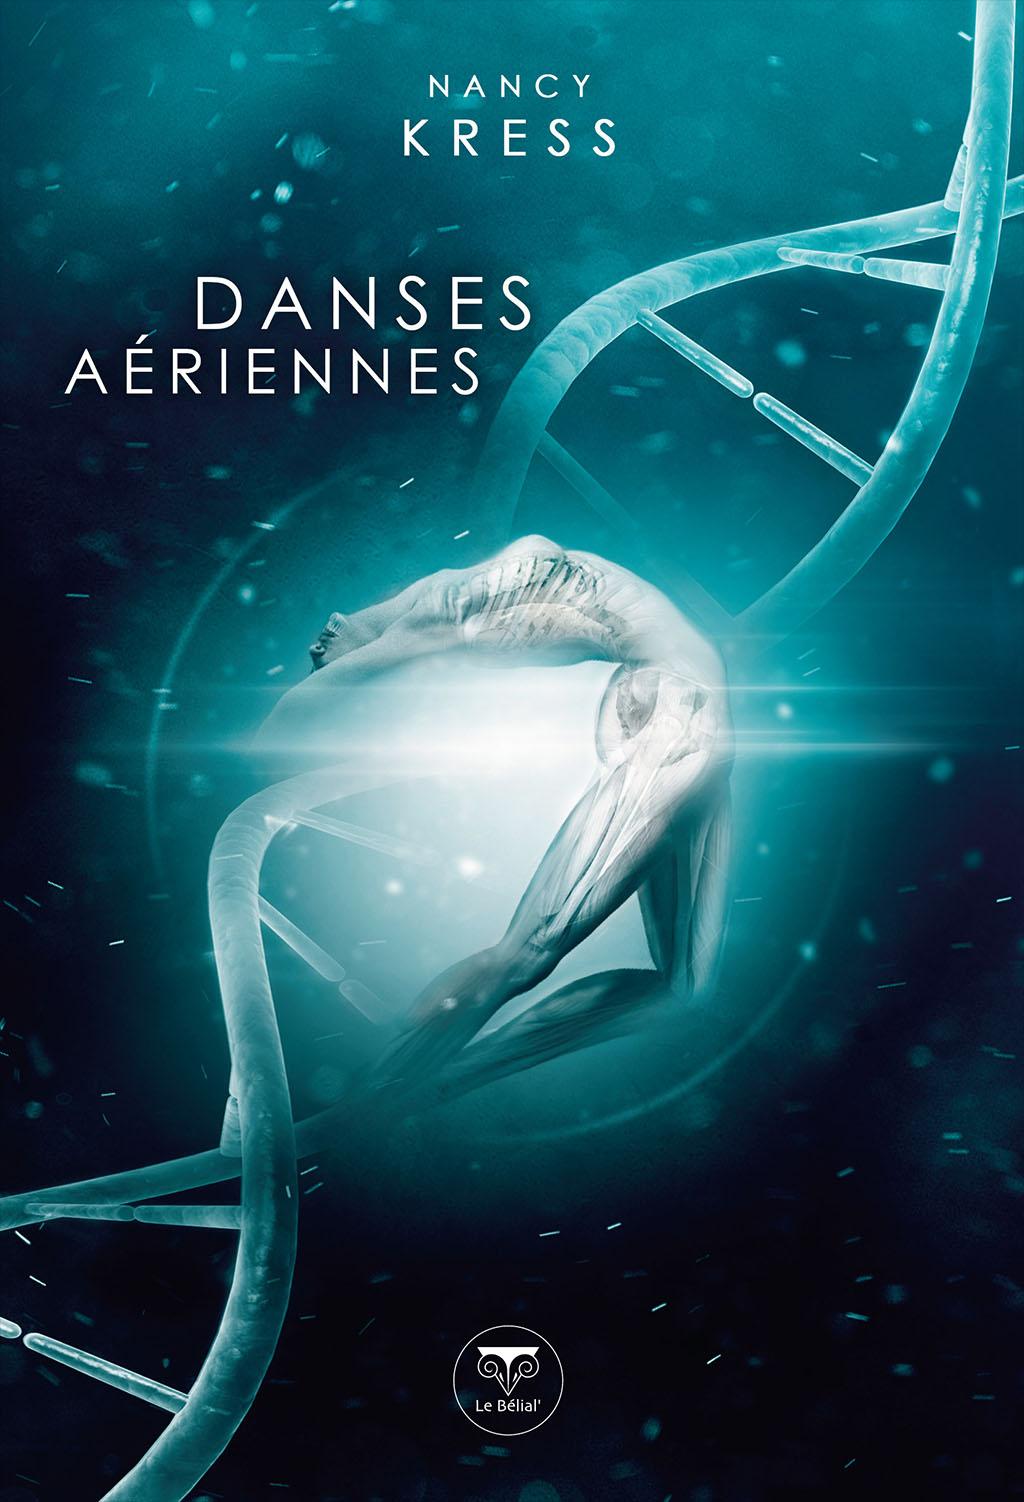 Danses aériennes